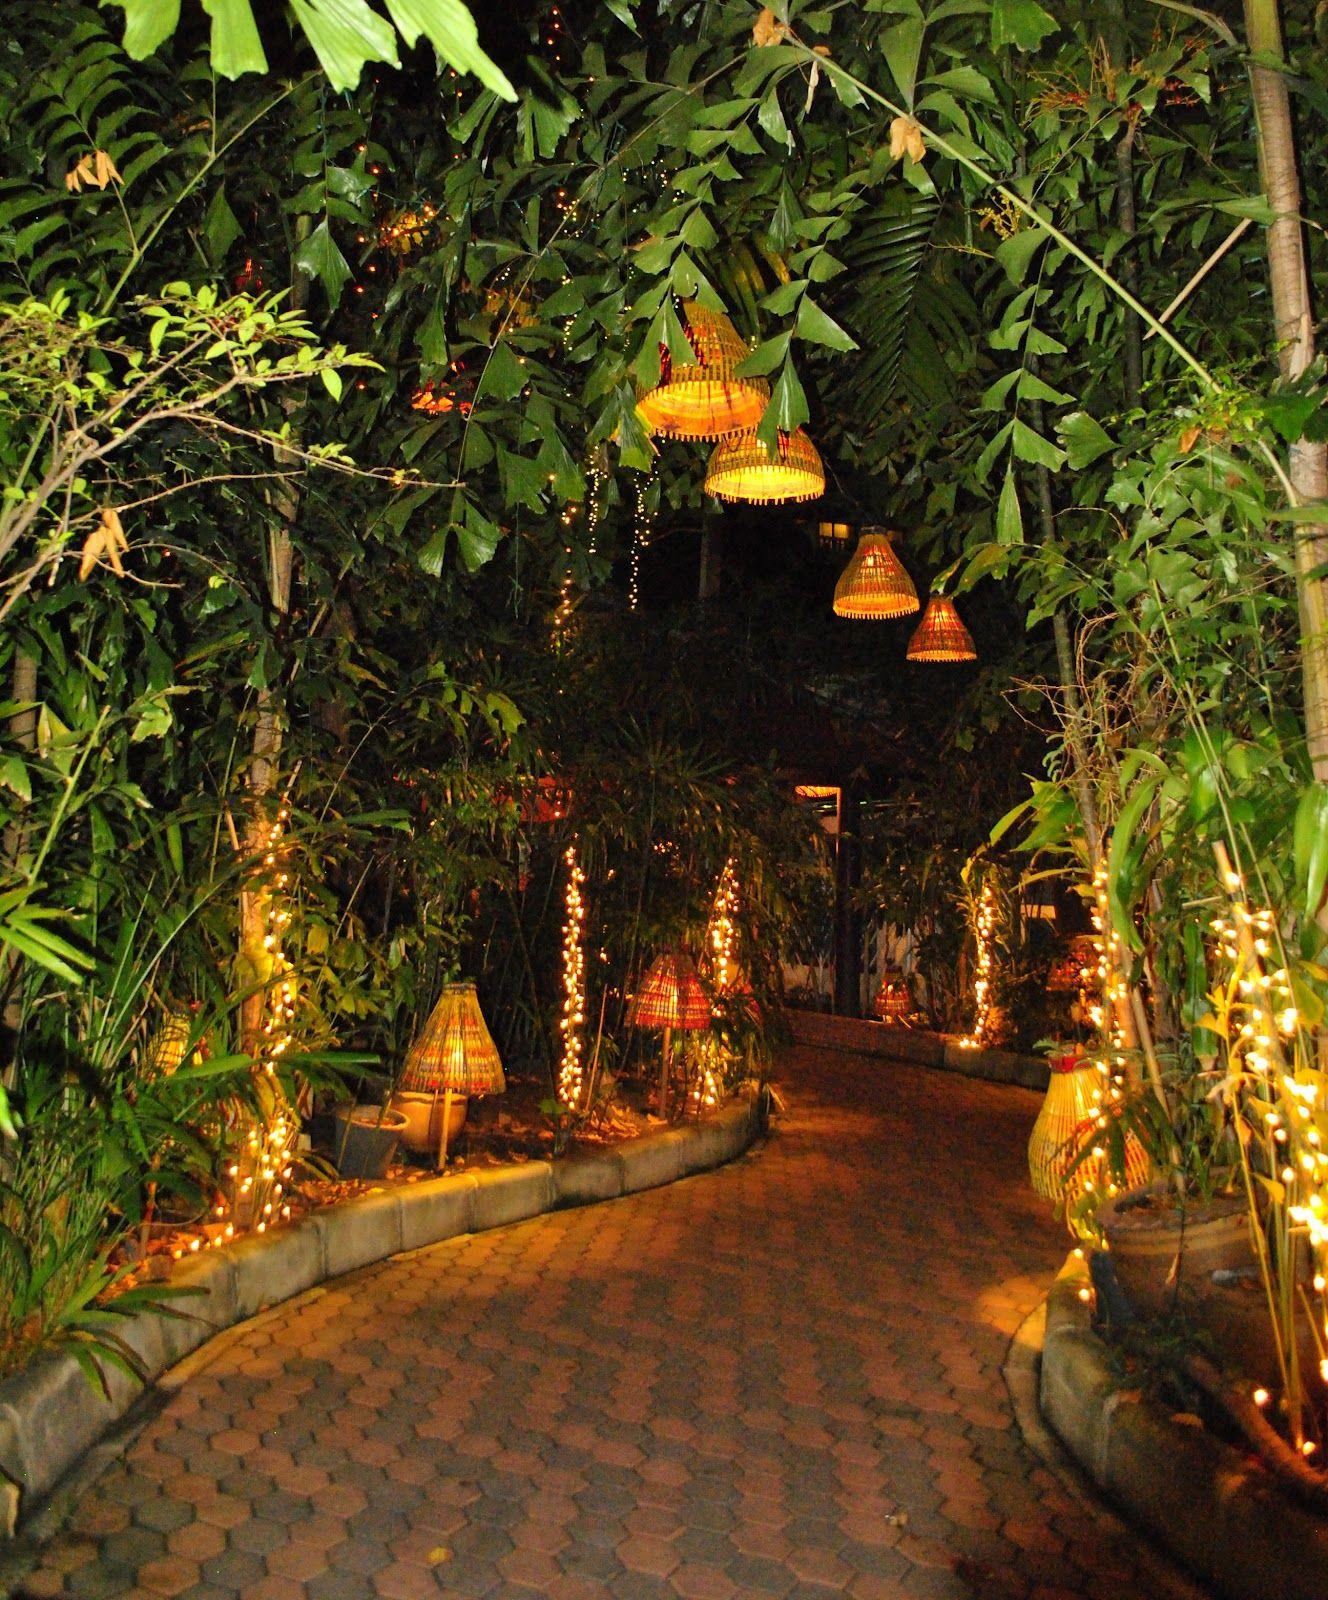 Enchanted garden pathway with lights Mystic garden